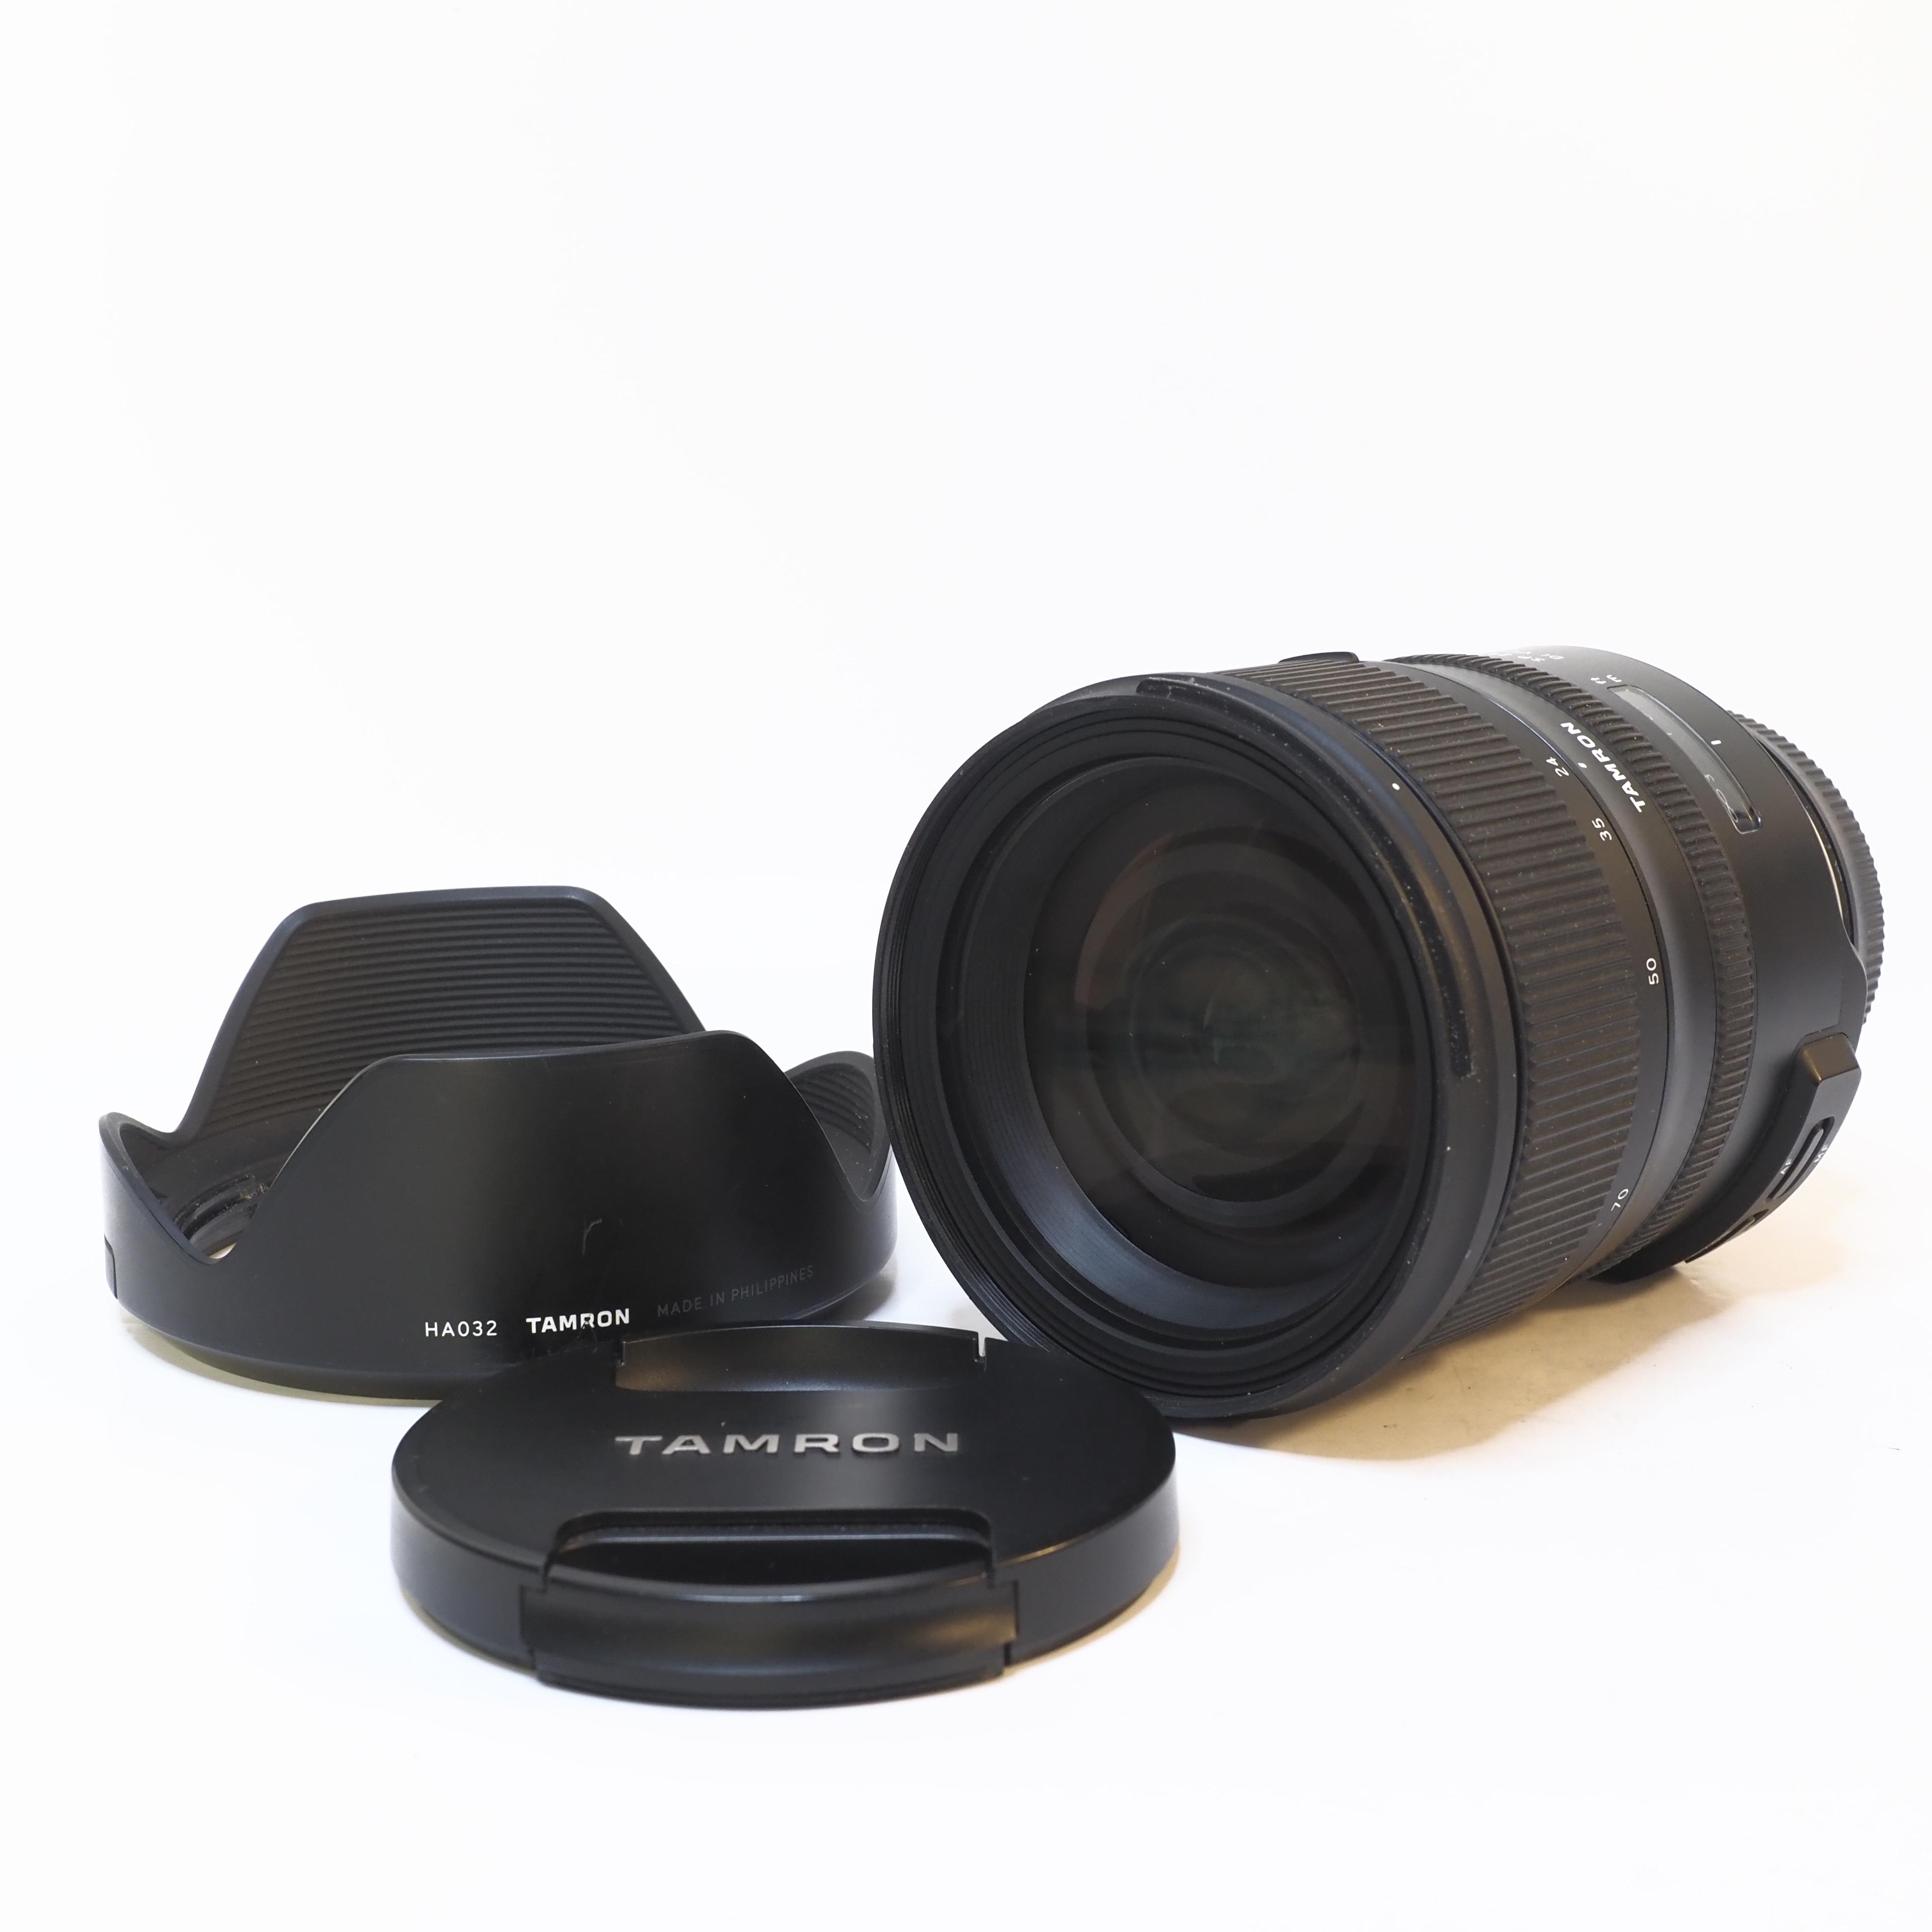 Tamron SP 24-70mm f/2.8 Di VC USD G2 för Canon - BEGAGNAT